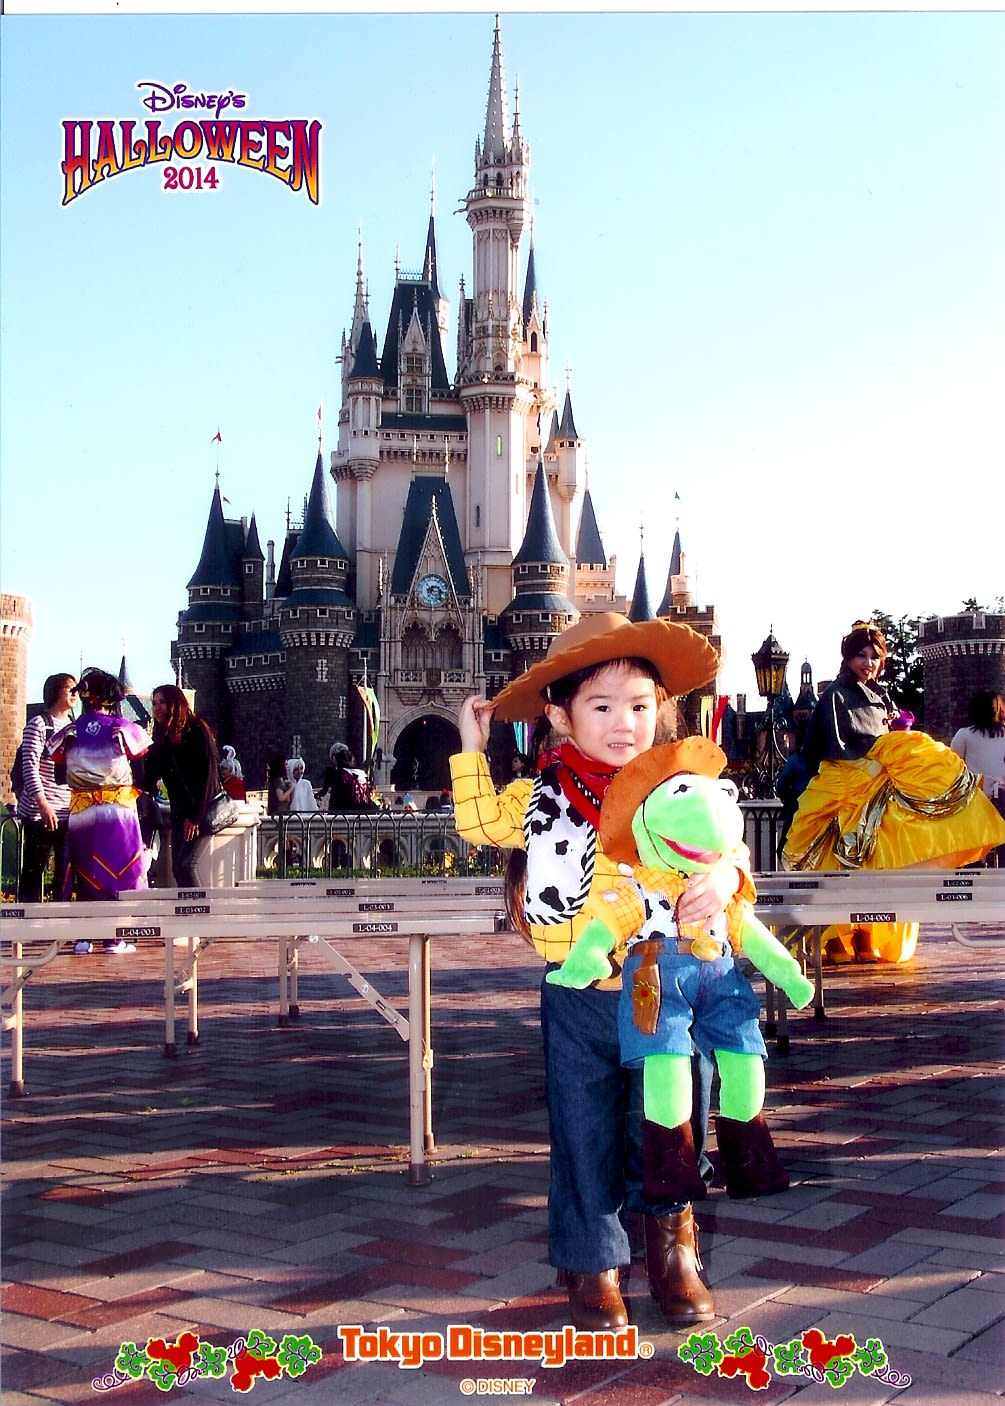 スタジオm・ディズニーハロウィーンツアー2014 (2) - 舞蛙堂本舗